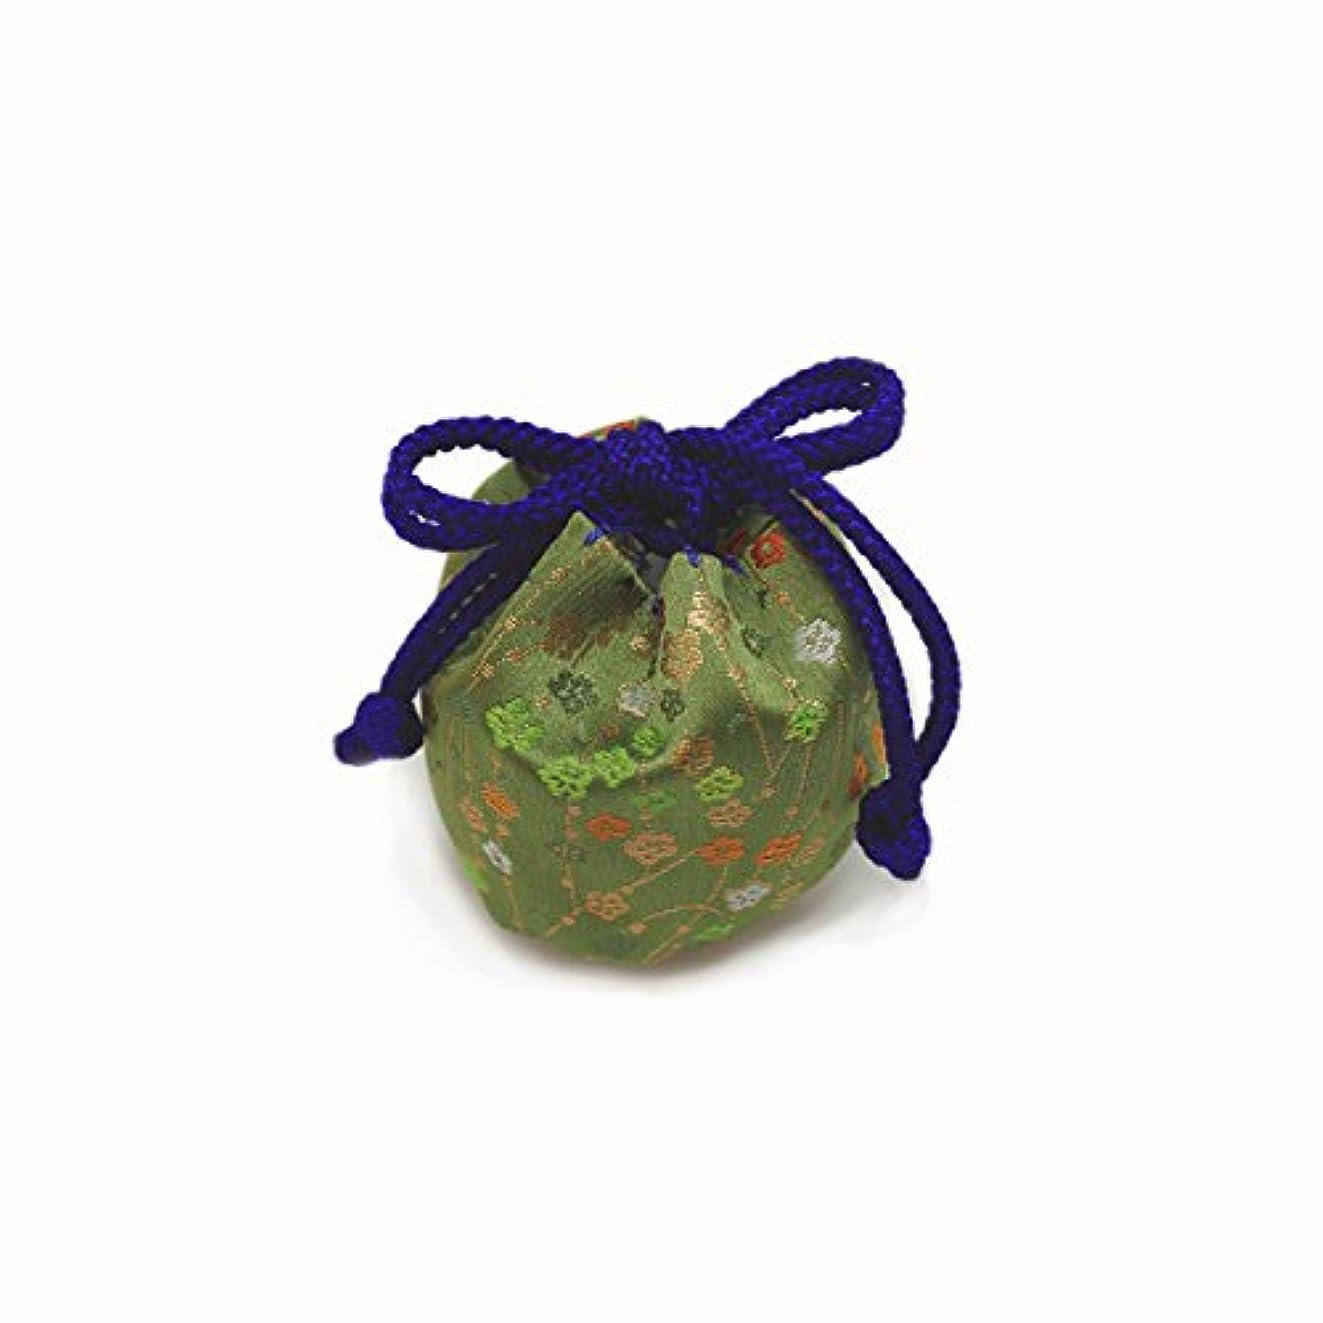 追加ますます使い込む御所袋 小 キンラン 緑系